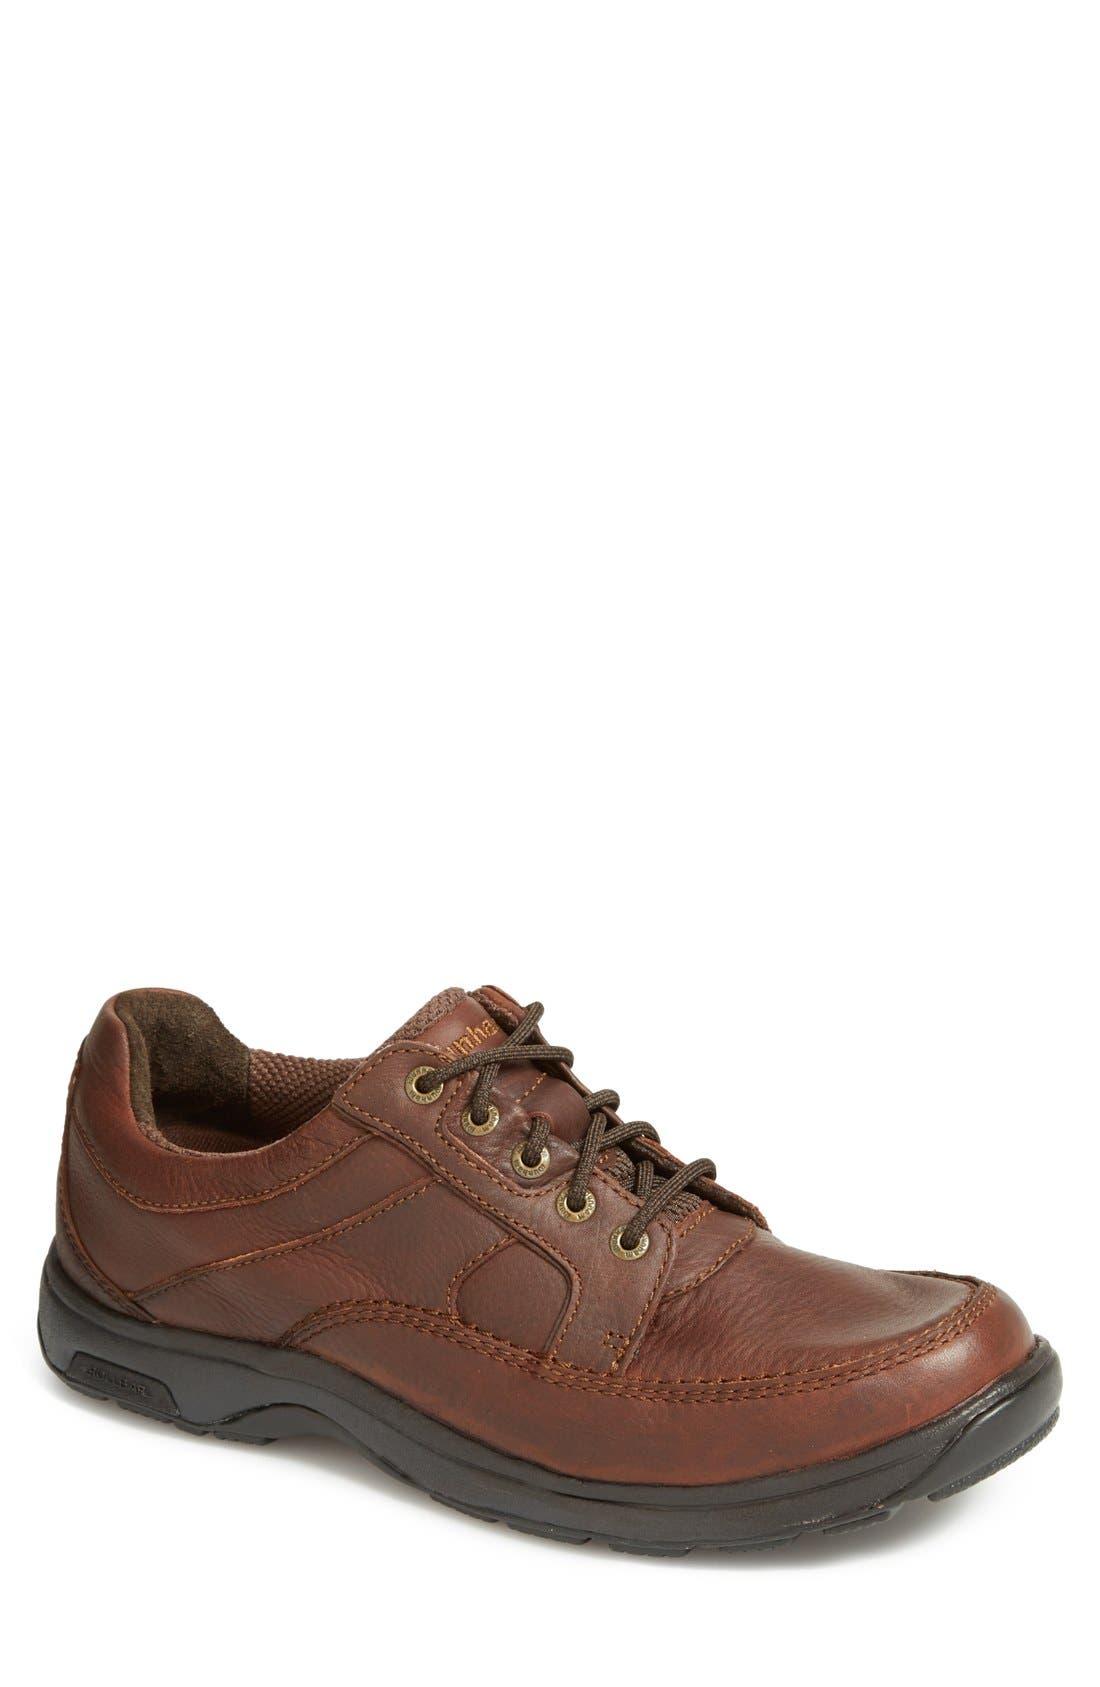 Midland Waterproof Sneaker